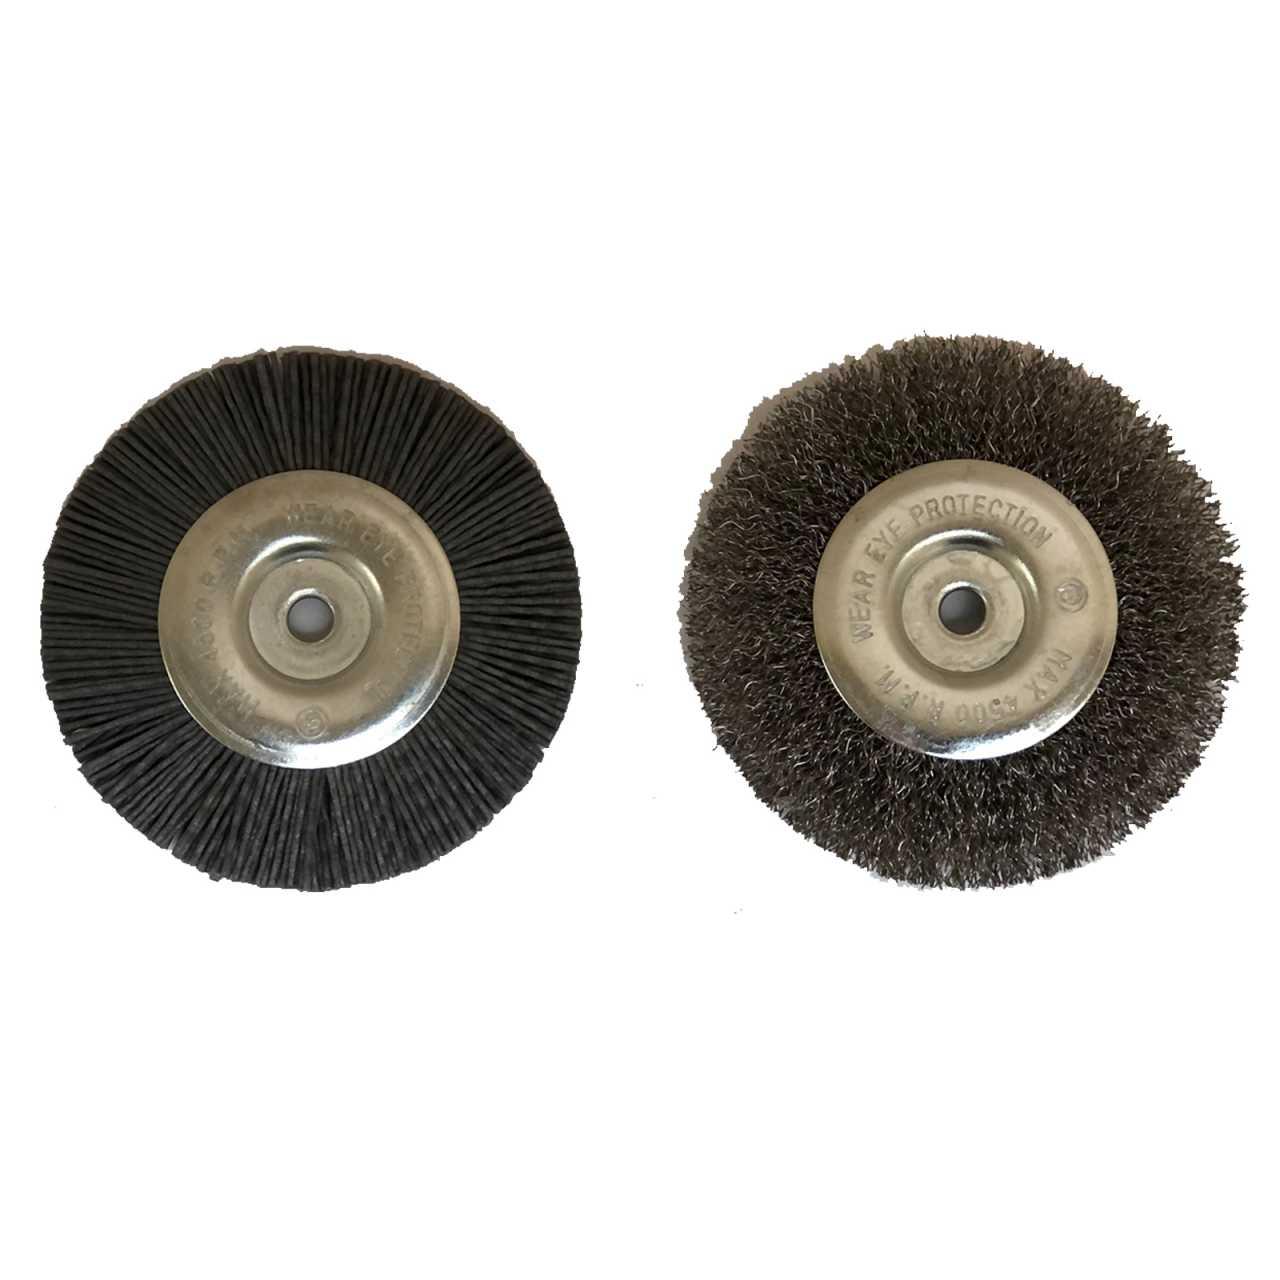 Grafner® 2 Ersatz Fugenbürsten passend für Grafner® Fugenreiniger Unkrautfugenbürste